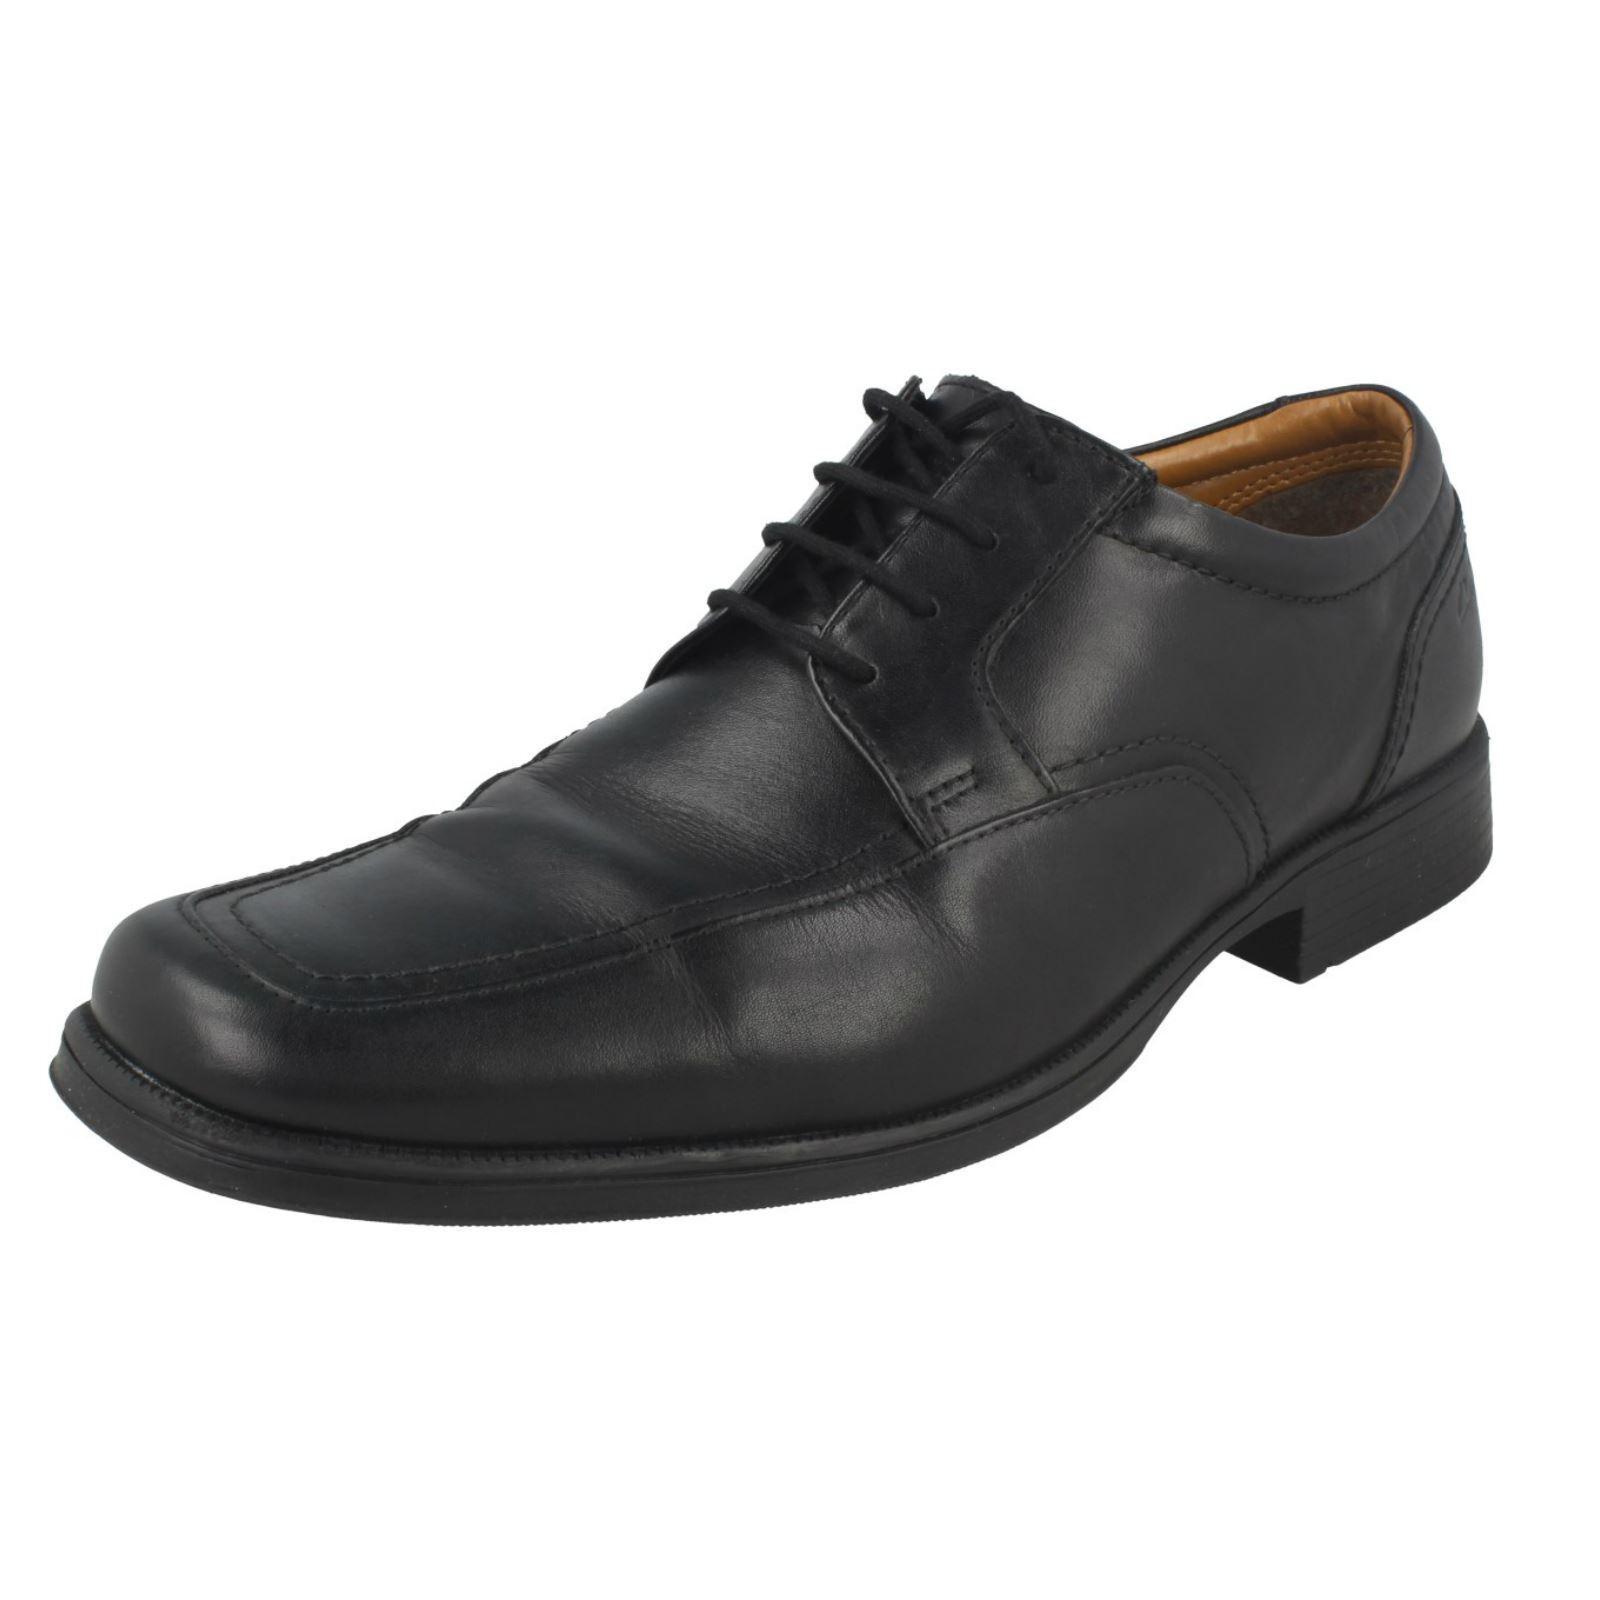 Da Uomo Clarks ammortizzazione Formale Squarosso Toe Lacci Scarpe Di Pelle Huckley Spring | Special Compro  | Uomini/Donna Scarpa